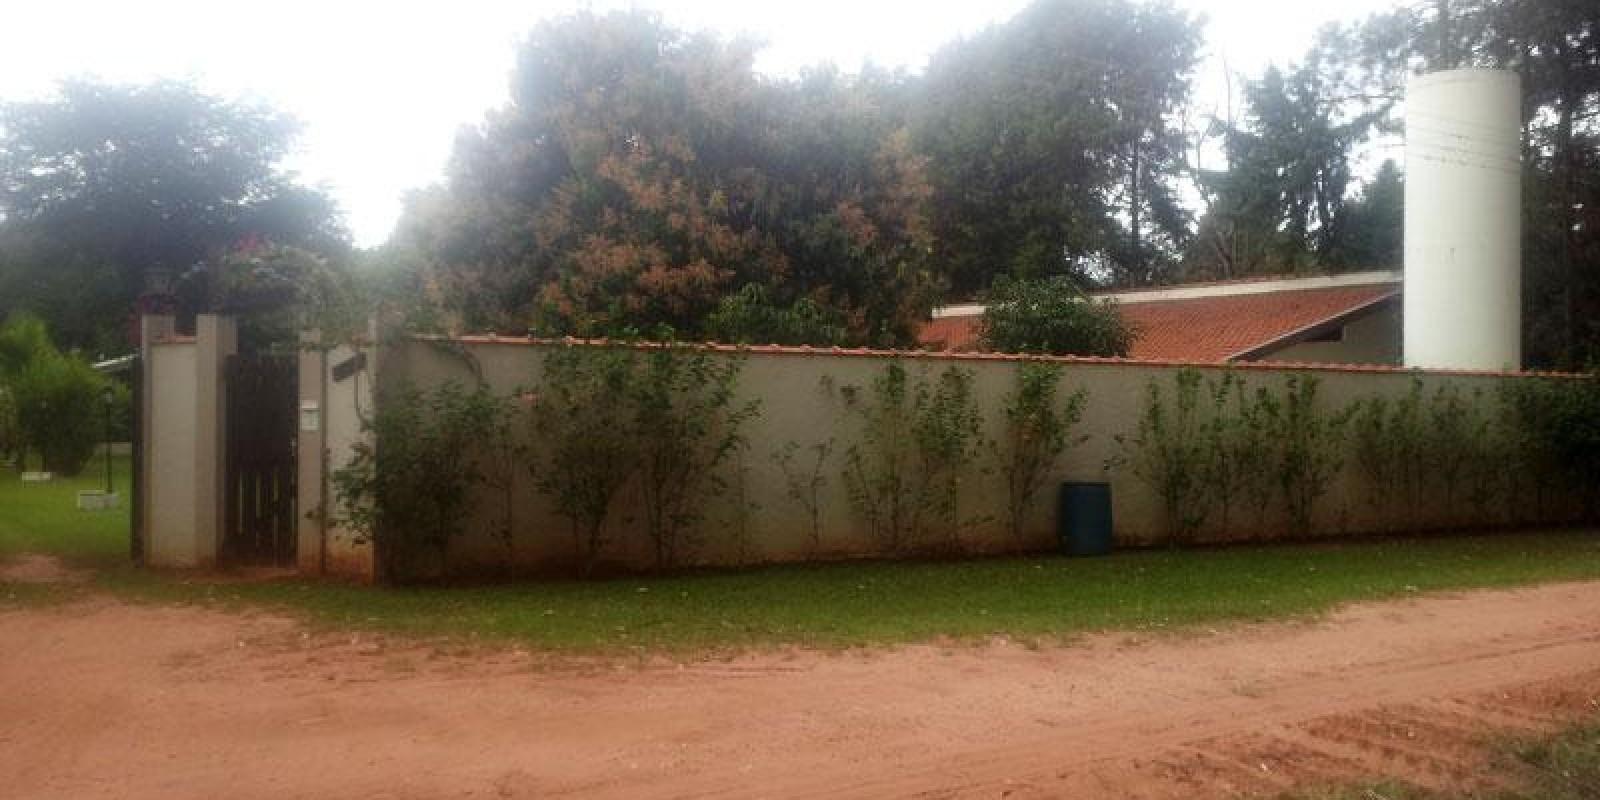 Casa na Represa Costa Azul em Avaré SP - Foto 2 de 20